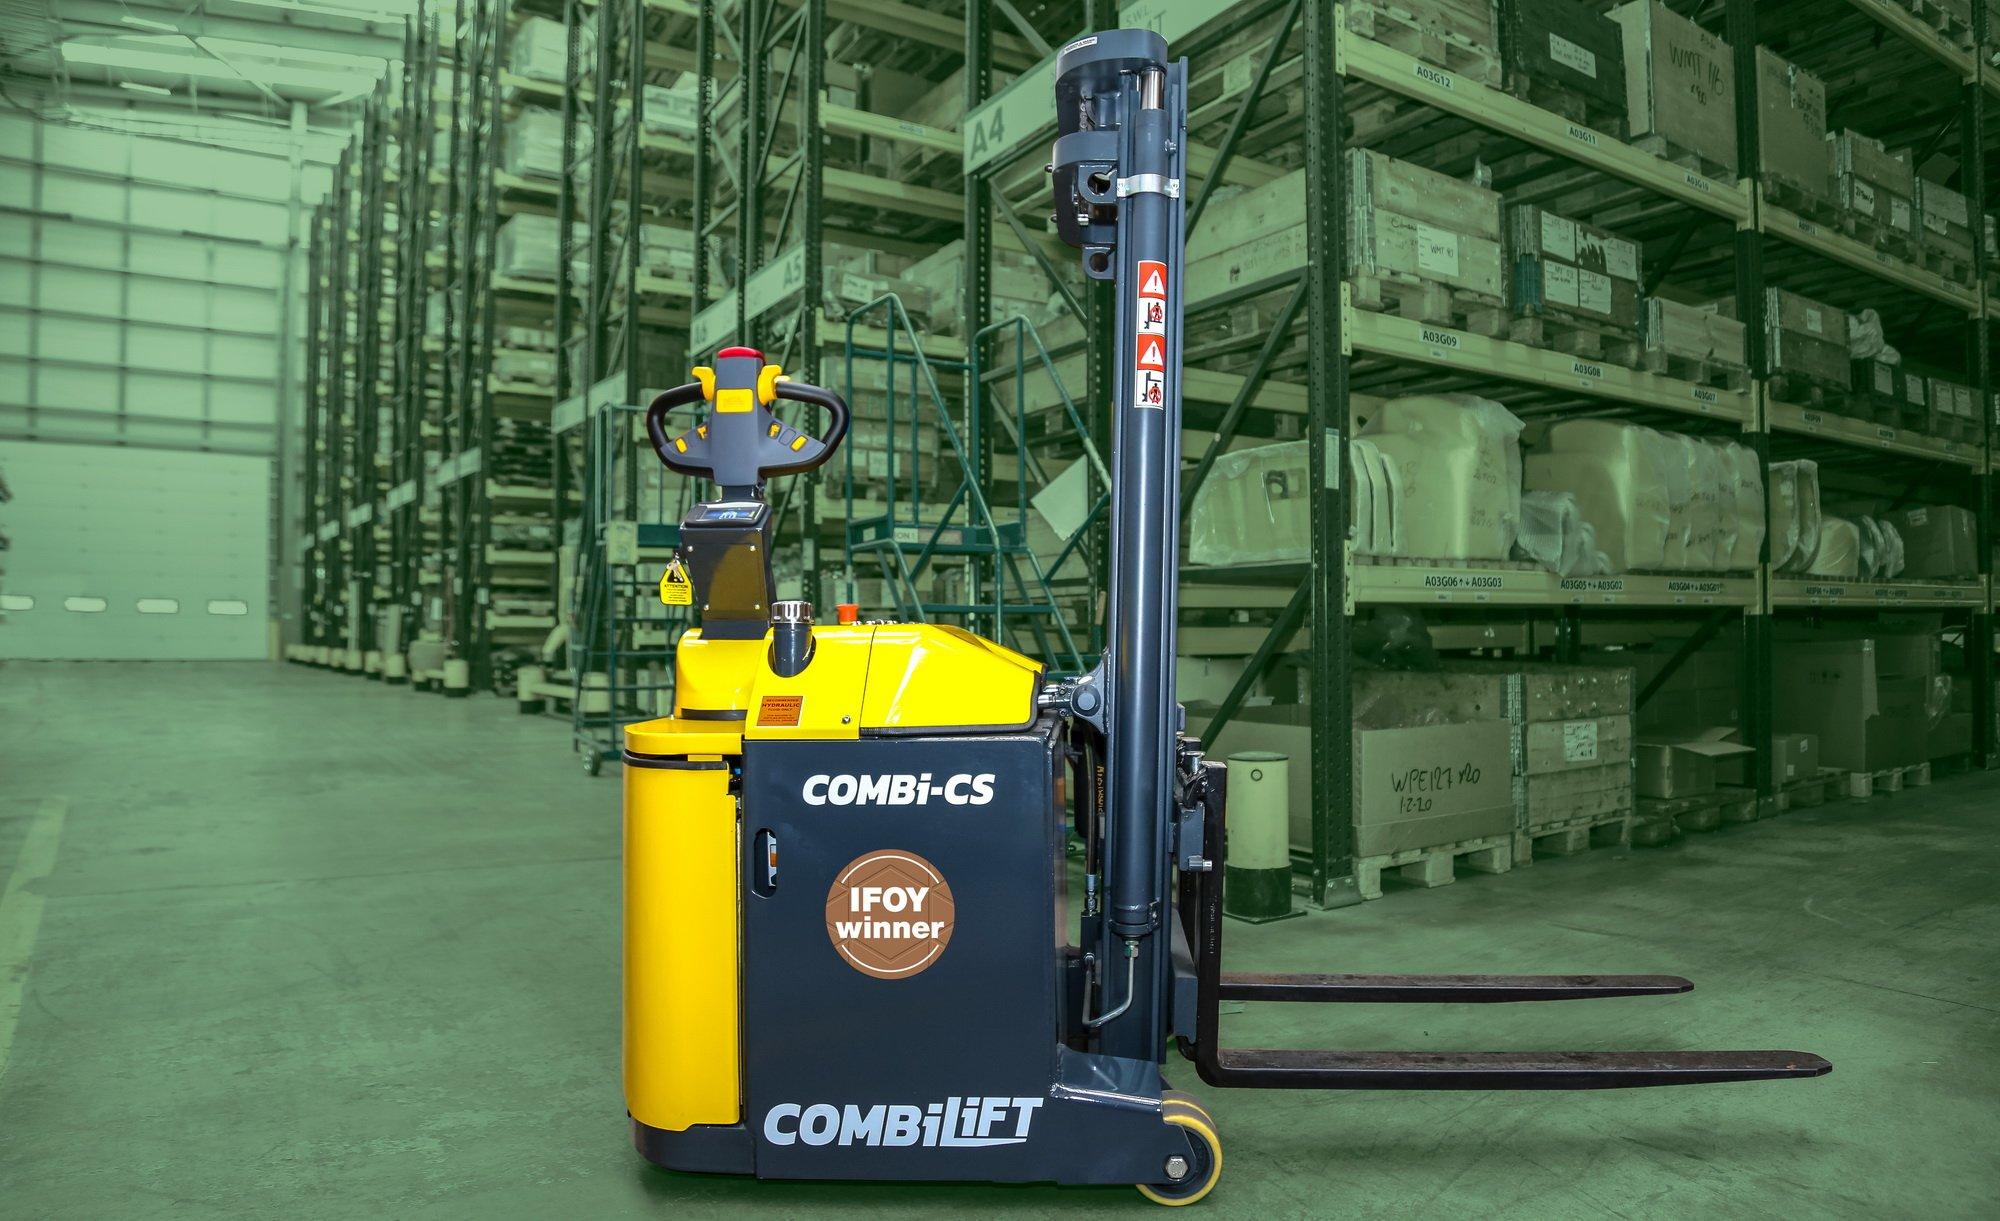 Combilift câștigă IFOY Award pentru Combi-CS